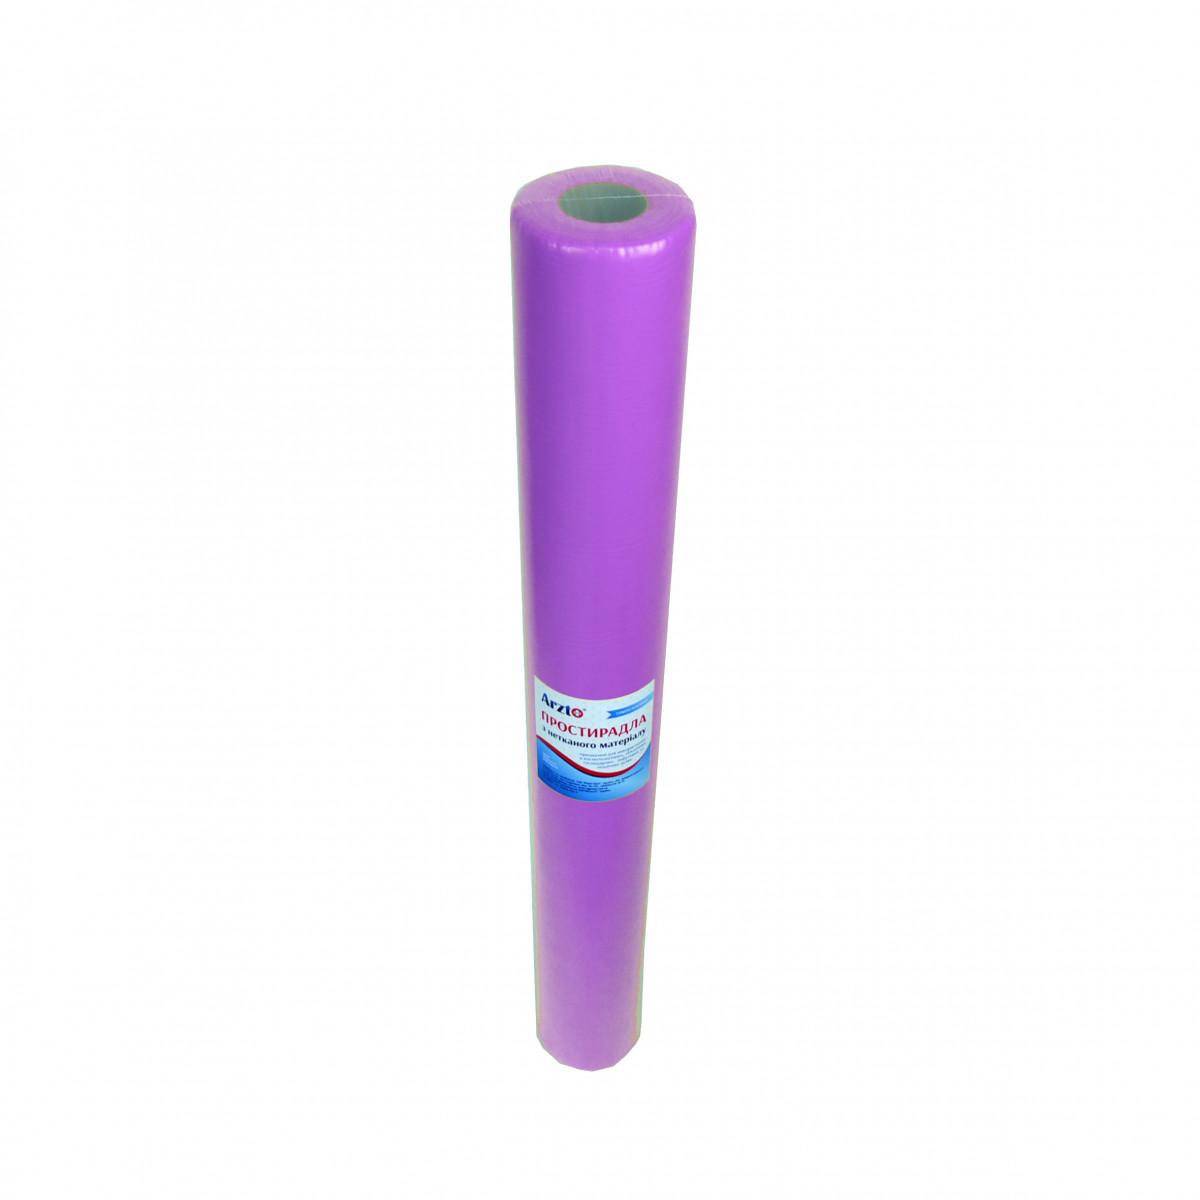 Рулон спанбонд Arzt plus 0,6х100 без перфорации (20 г/м2) лиловий